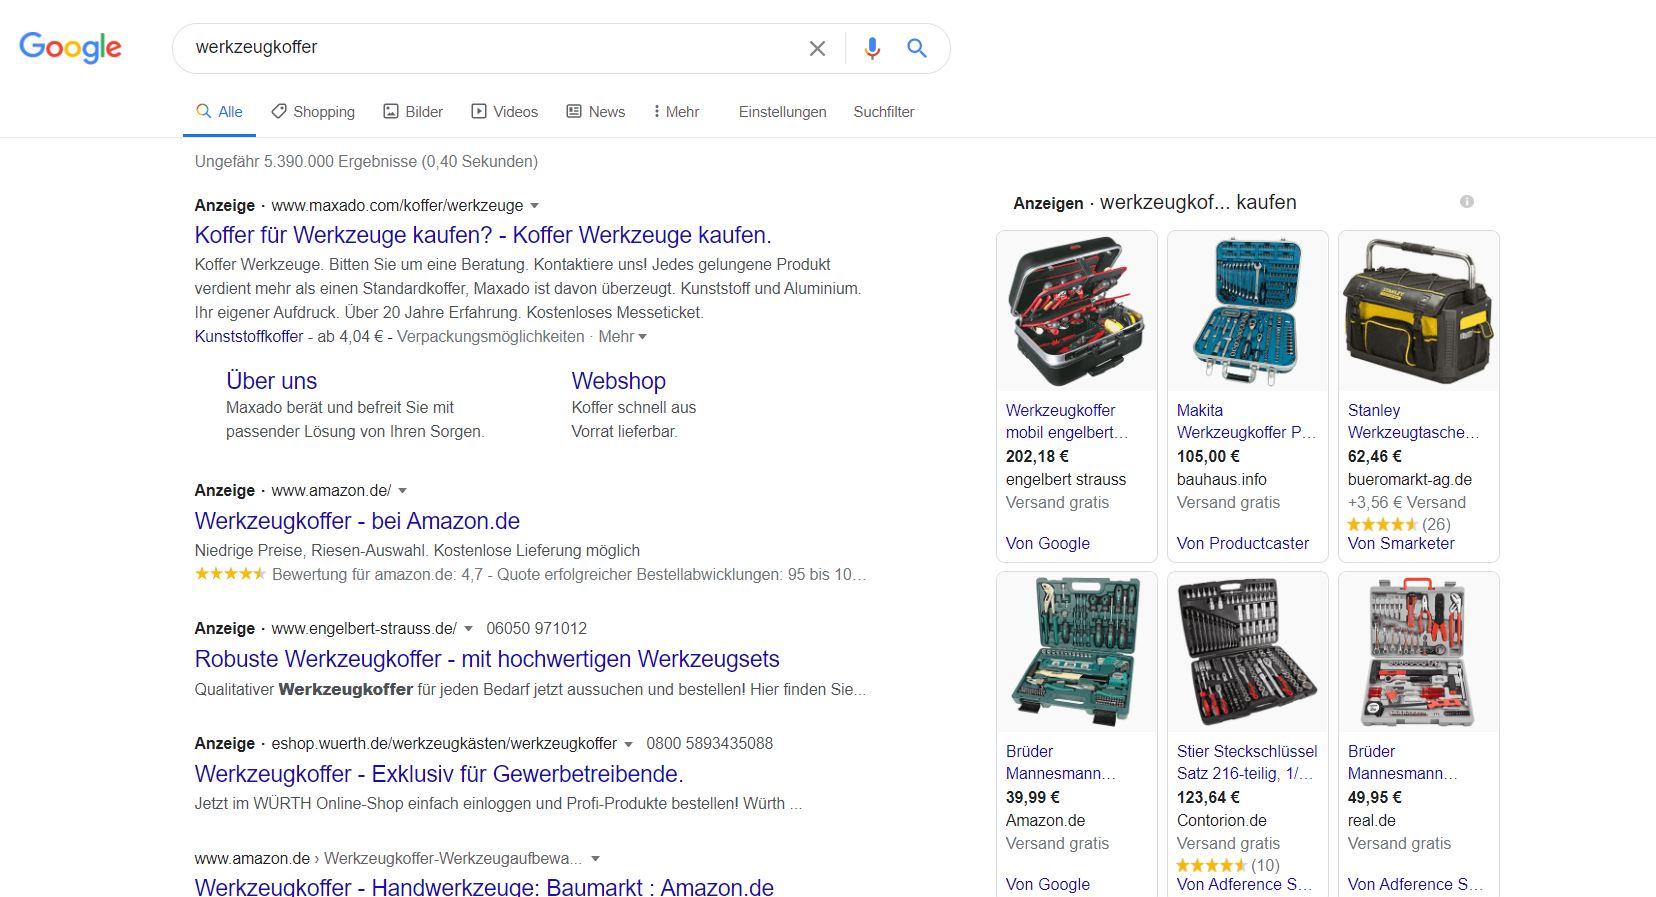 Erweiterte Textanzeigen und Shopping-Kampagnen bei transaktionalen Suchbegriffen